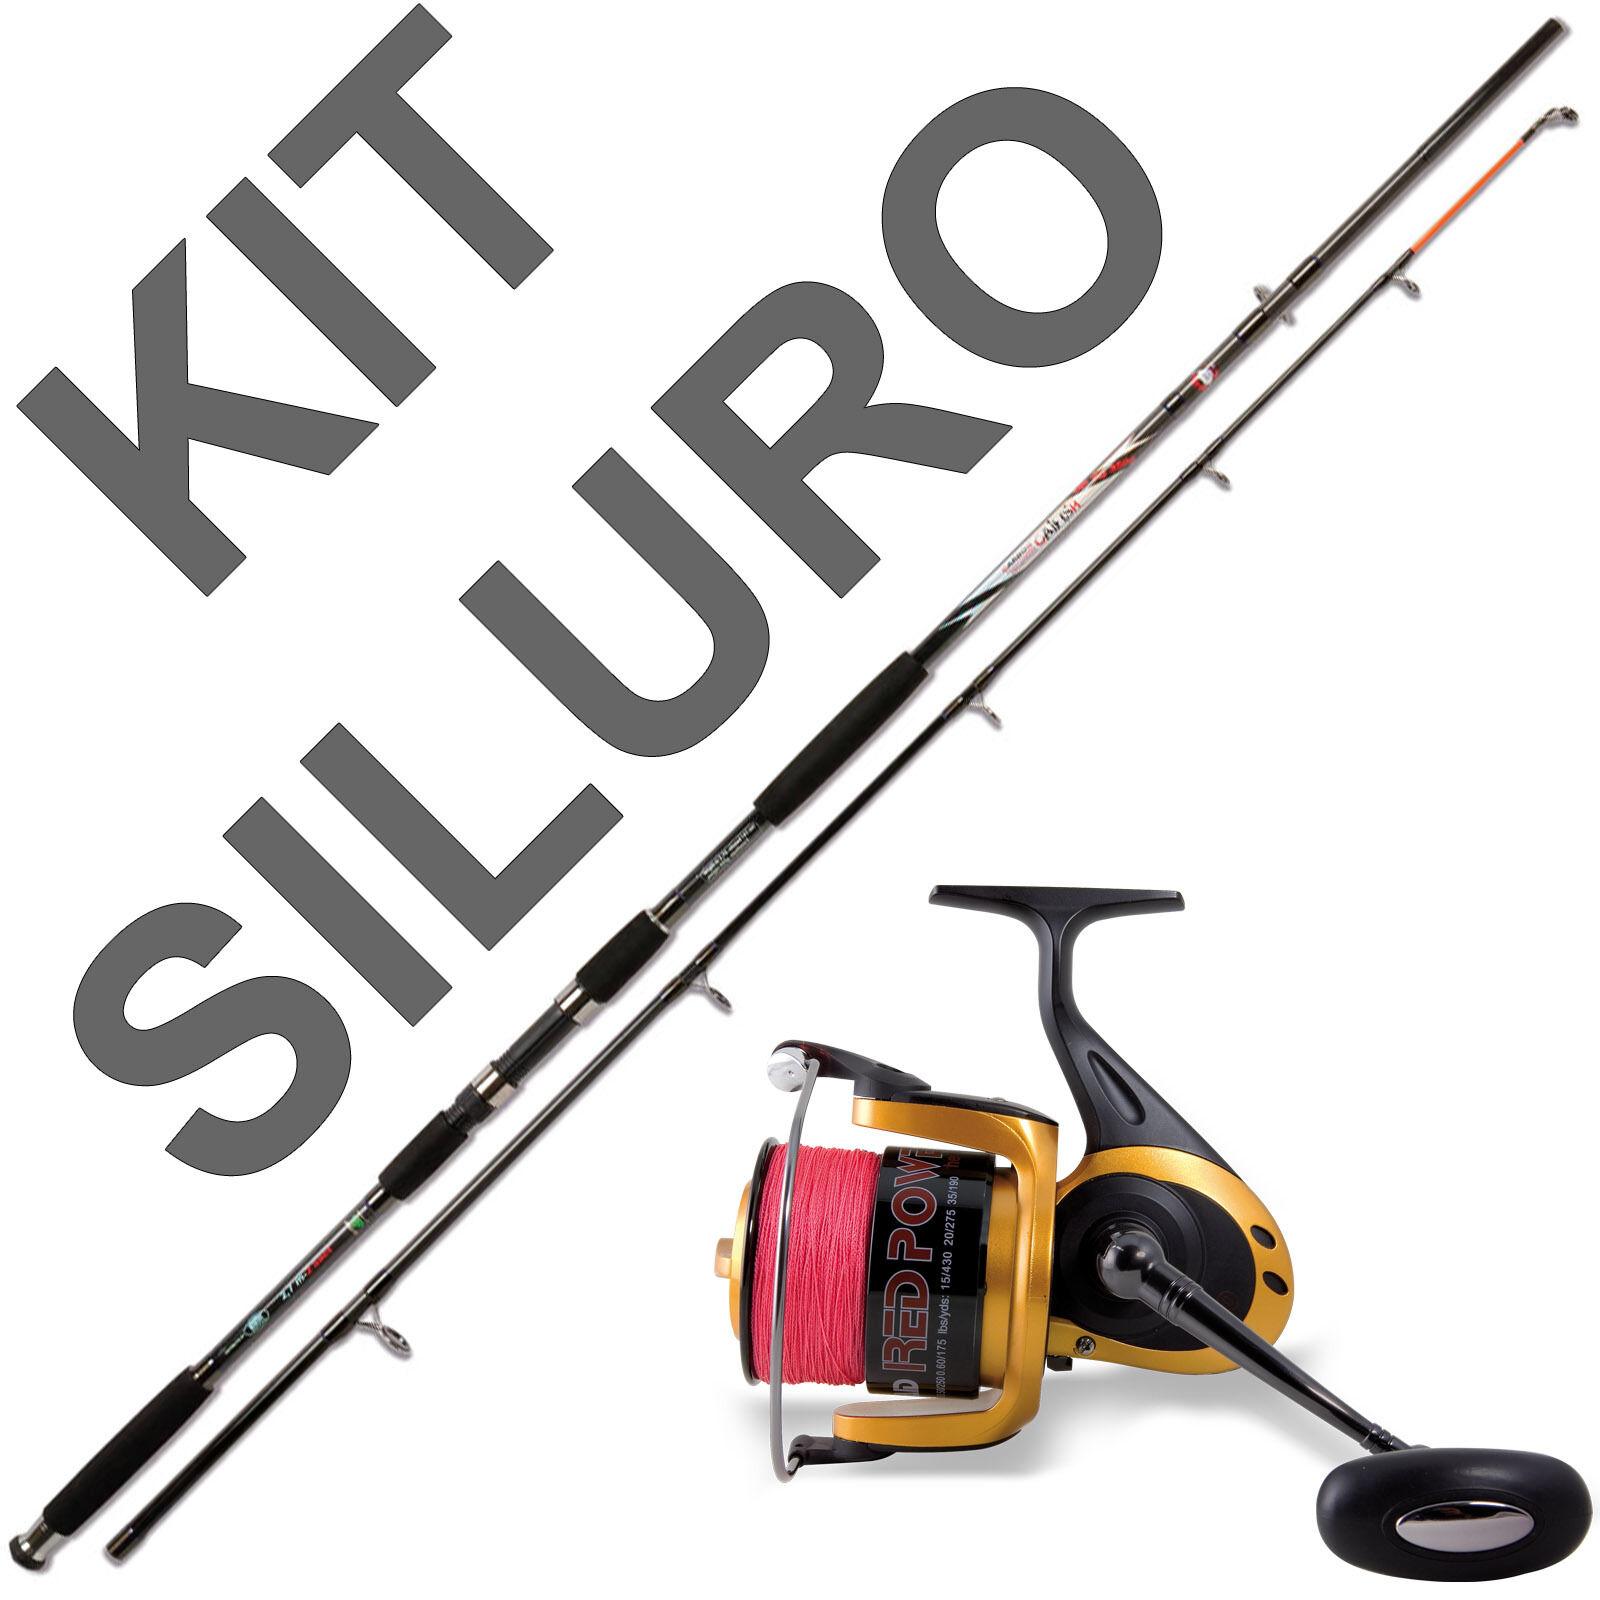 Kit canna da siluro con e mulinello con siluro trecciato incluso pesca catfishing PL1275 96a652